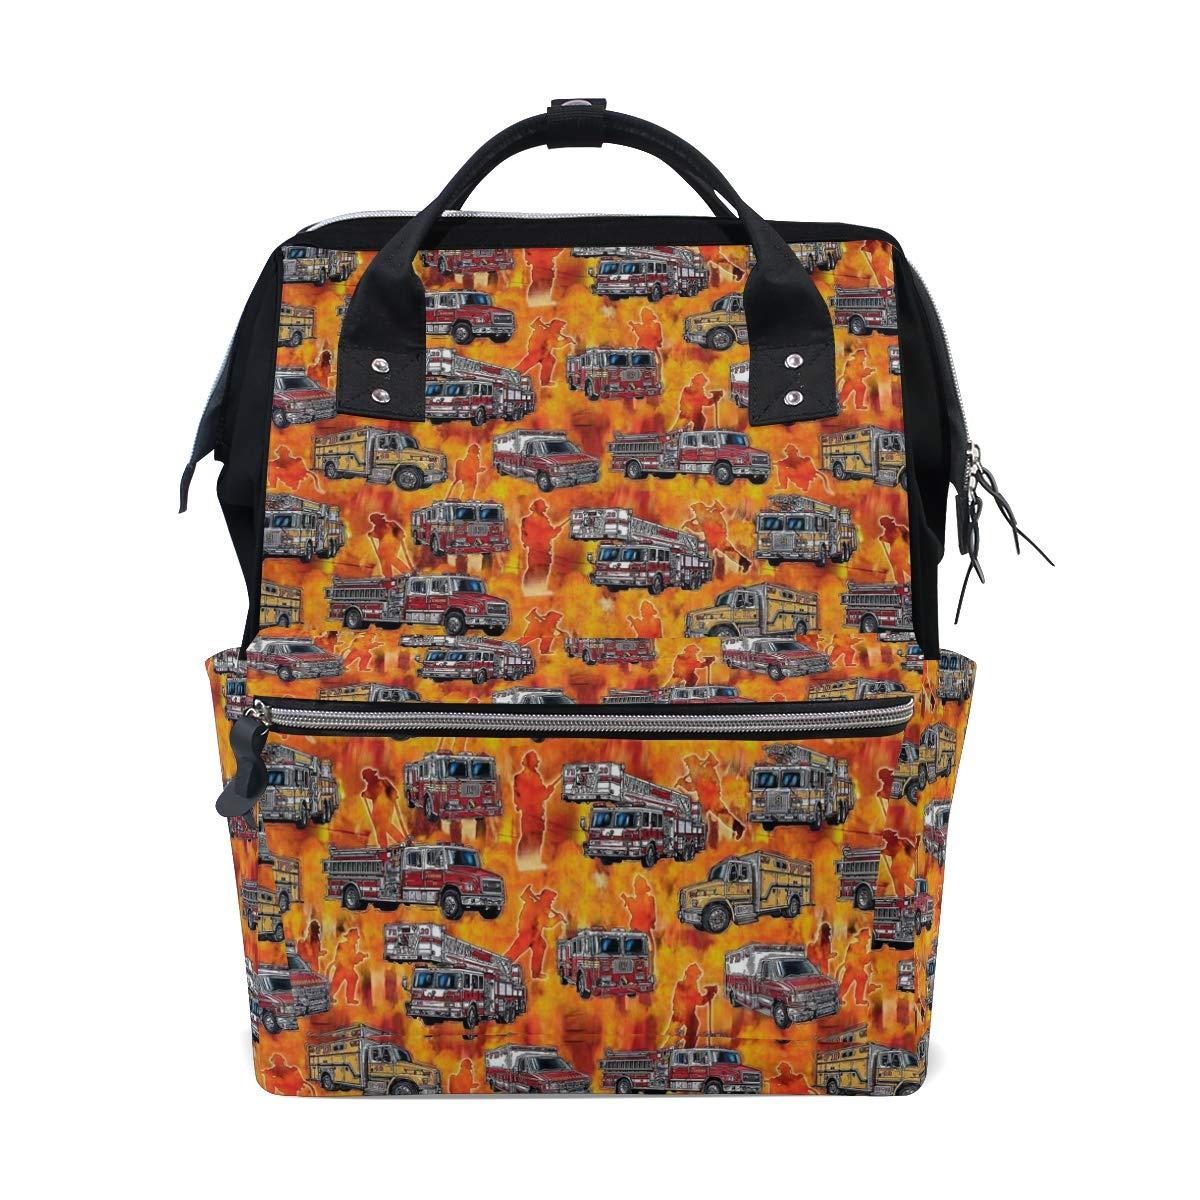 消防車 オレンジ おむつバッグ バックパック 大容量 多機能 旅行バックパック お昼寝バッグ 旅行 ママ バックパック ベビーケア用   B07M6F5D7L